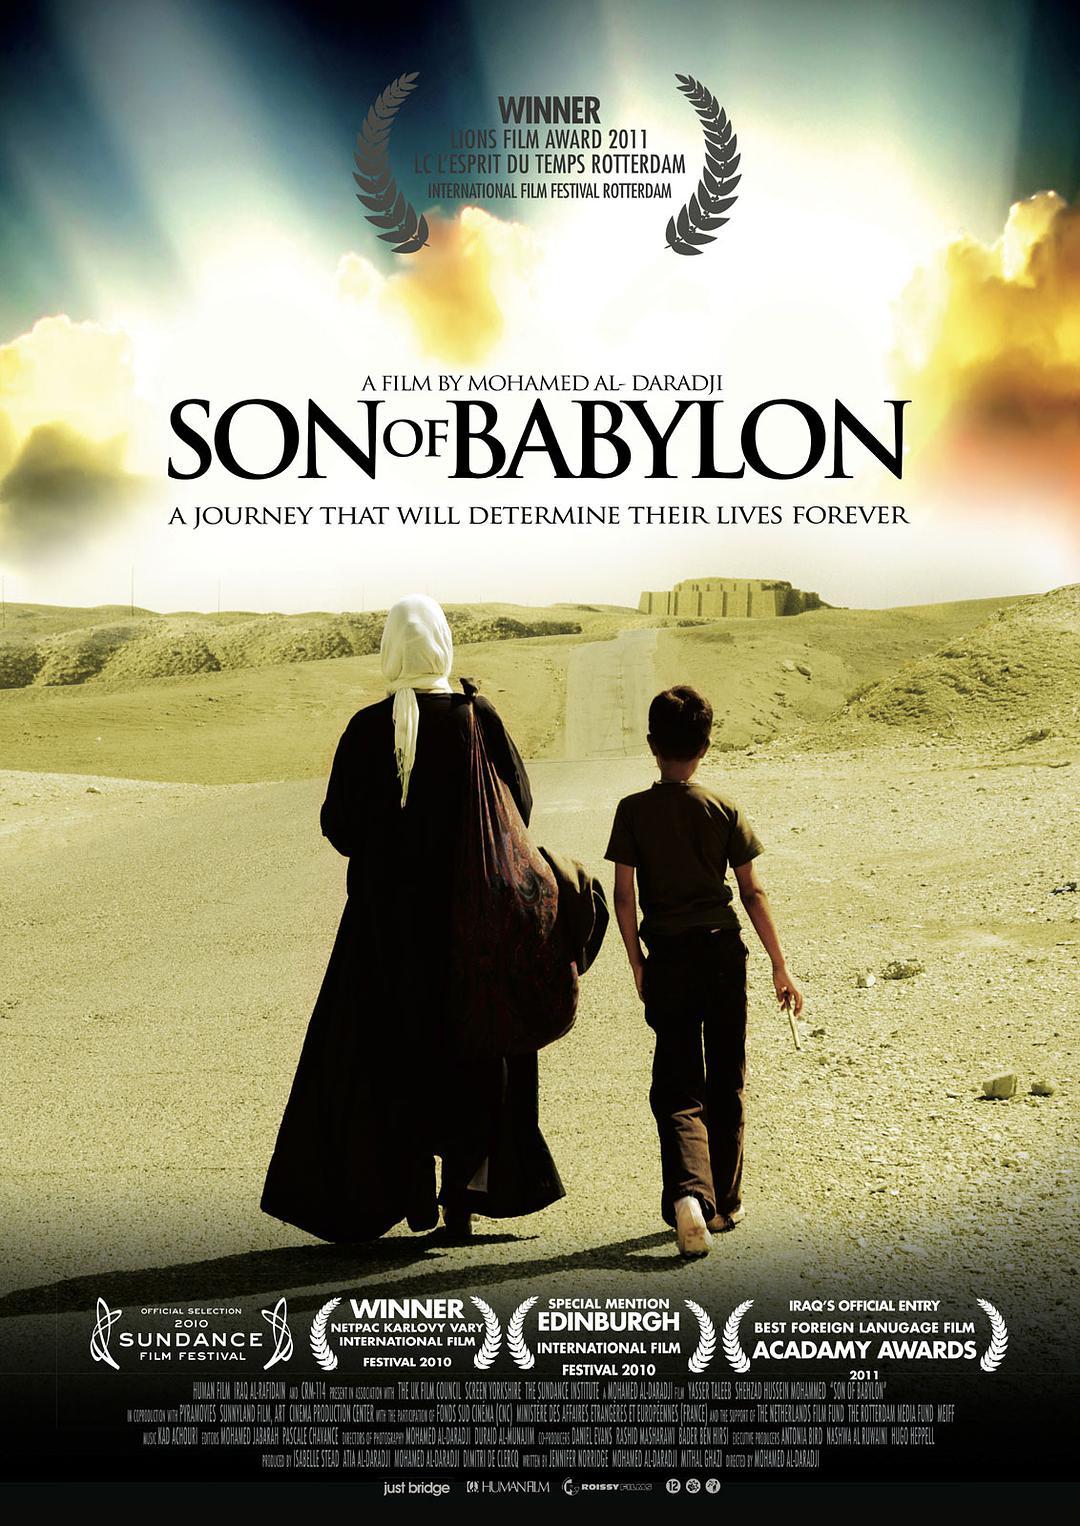 巴比伦之子